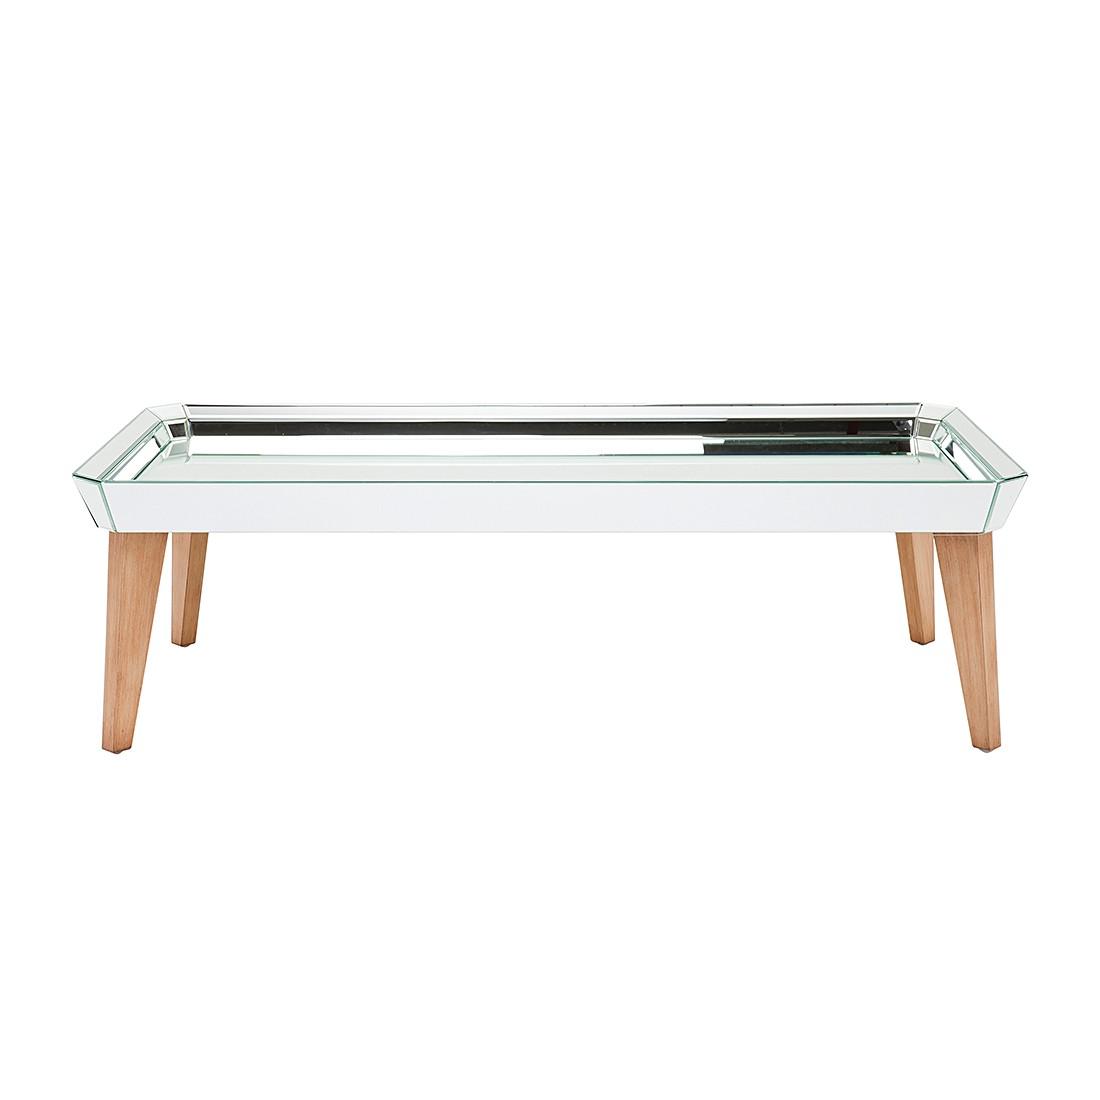 Tische online g nstig kaufen ber shop24 for Design versand